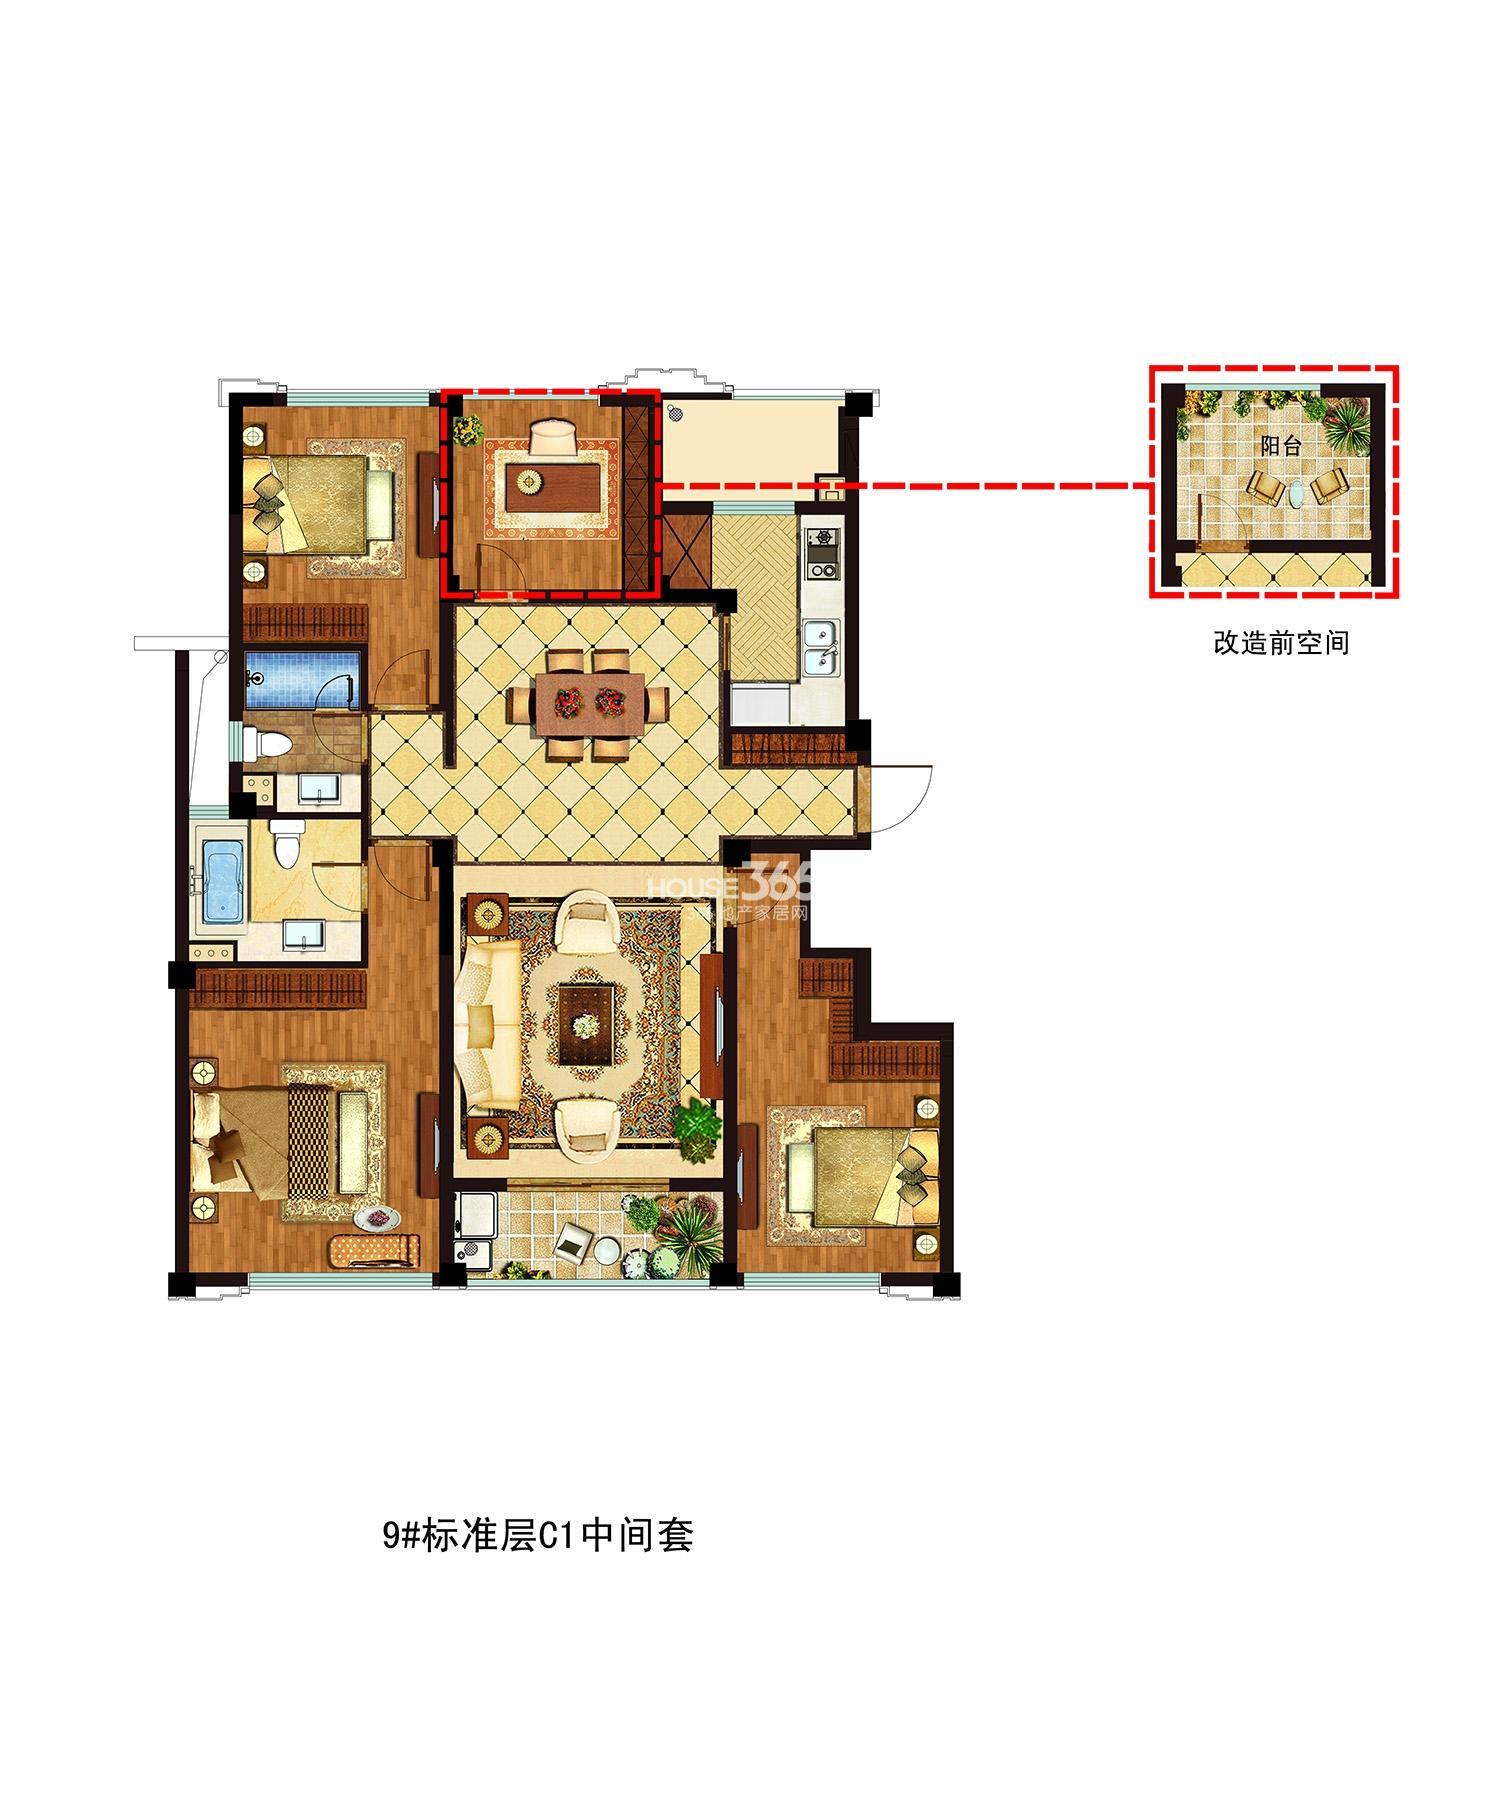 九龙仓碧玺项目9号楼标准层C1中间套 137㎡ 三房两厅两卫